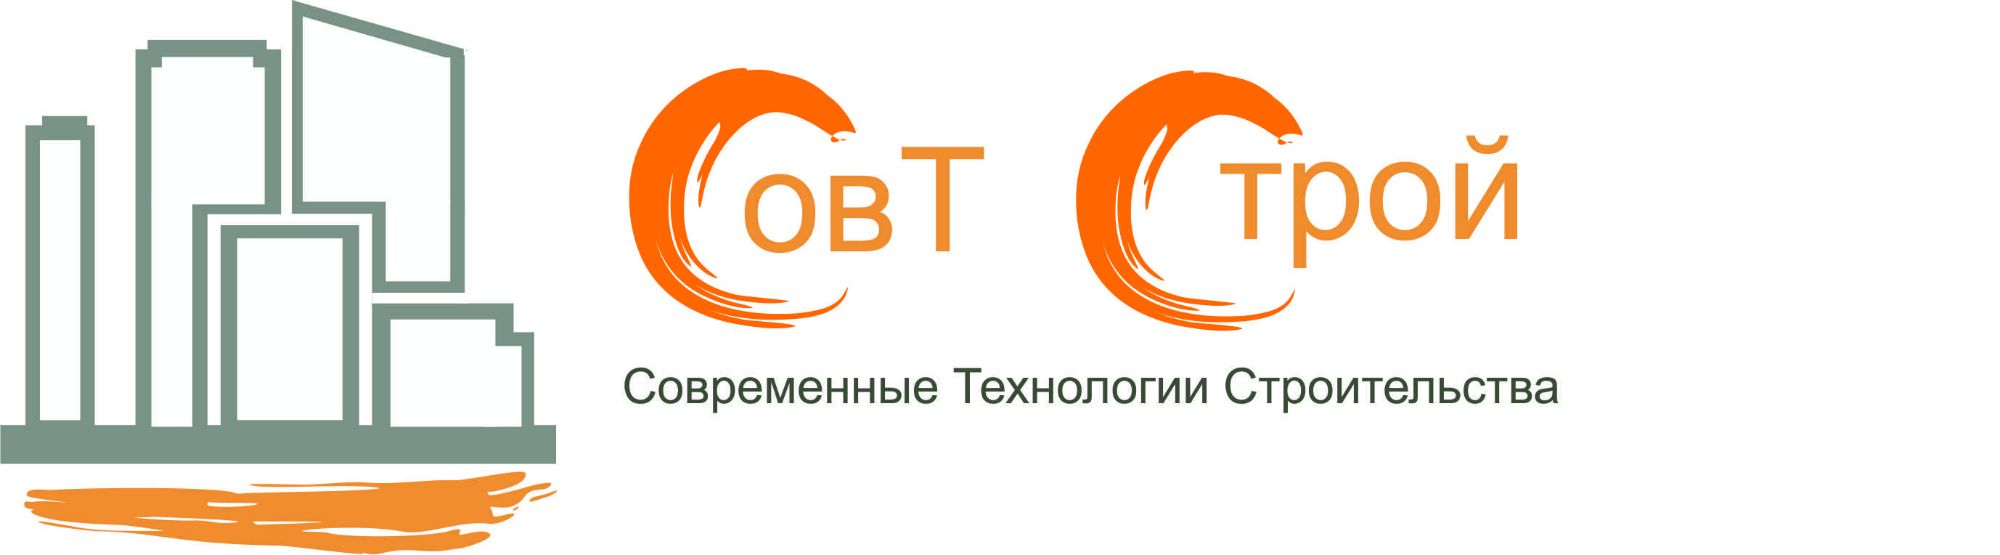 Логотип для поставщика строительных материалов - дизайнер Humanoid_007